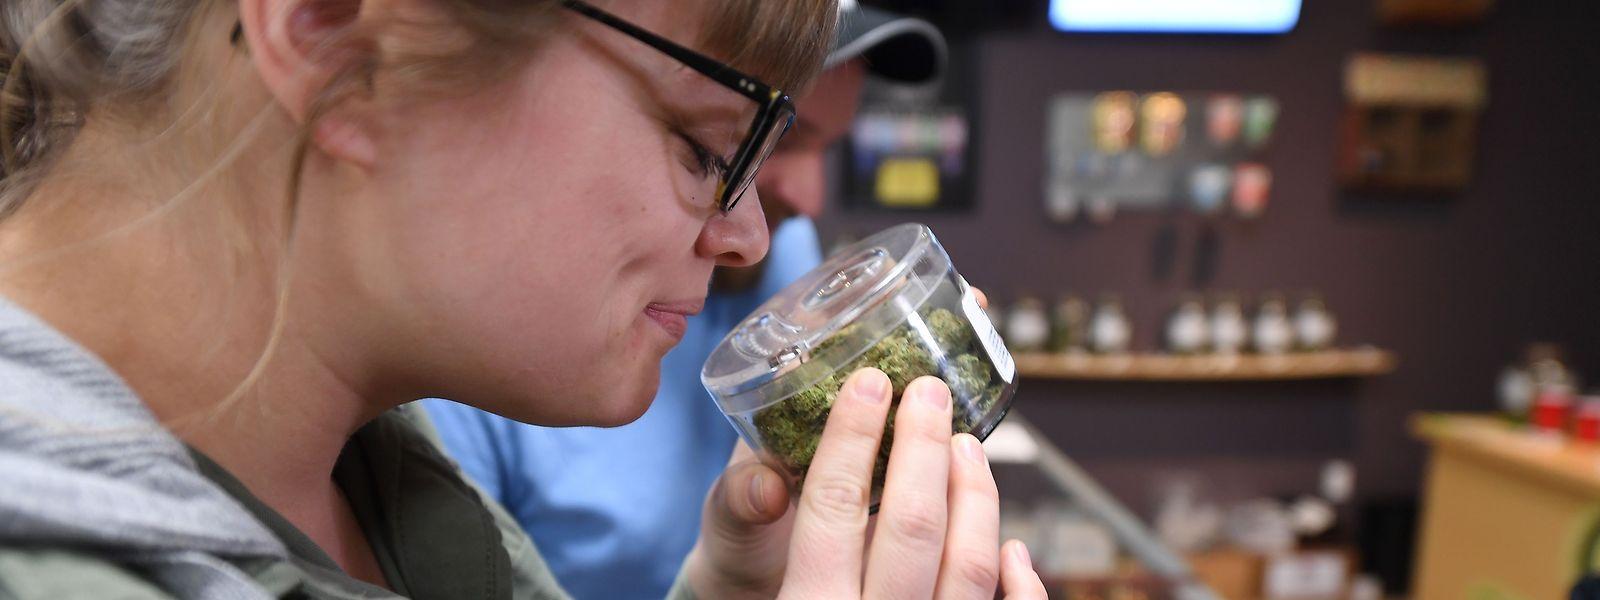 Seit dem 2. Januar ist Cannabis in Kalifornien auch legal zu erwerben, wenn der Käufer keine medizinische Zwecke damit verfolgt.